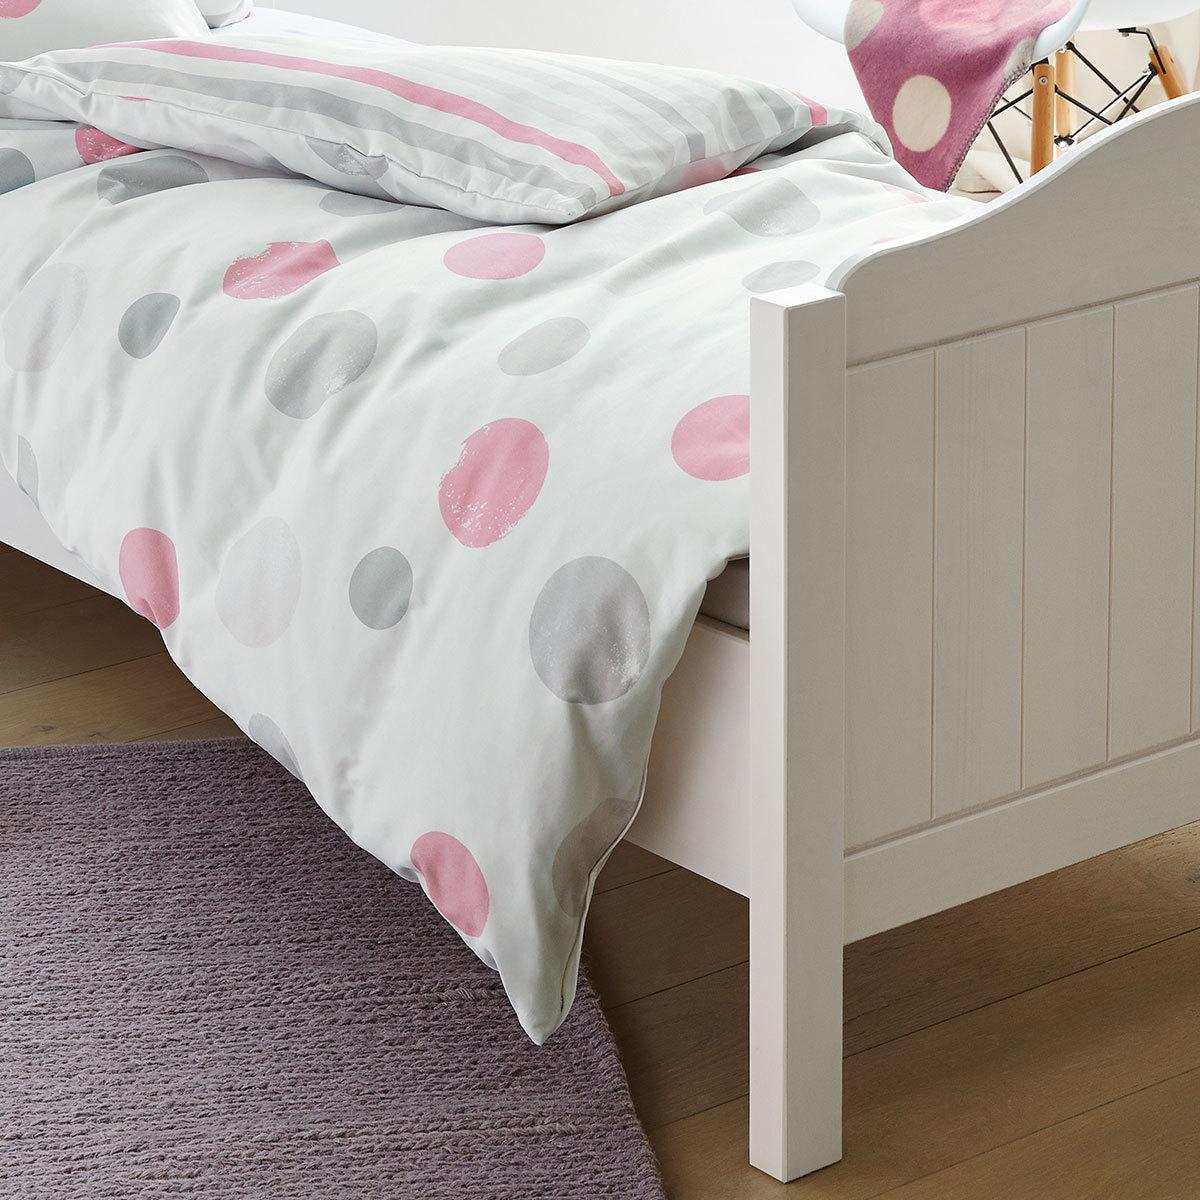 s oliver flanell bettw sche punkte rosa g nstig online kaufen bei bettwaren shop. Black Bedroom Furniture Sets. Home Design Ideas